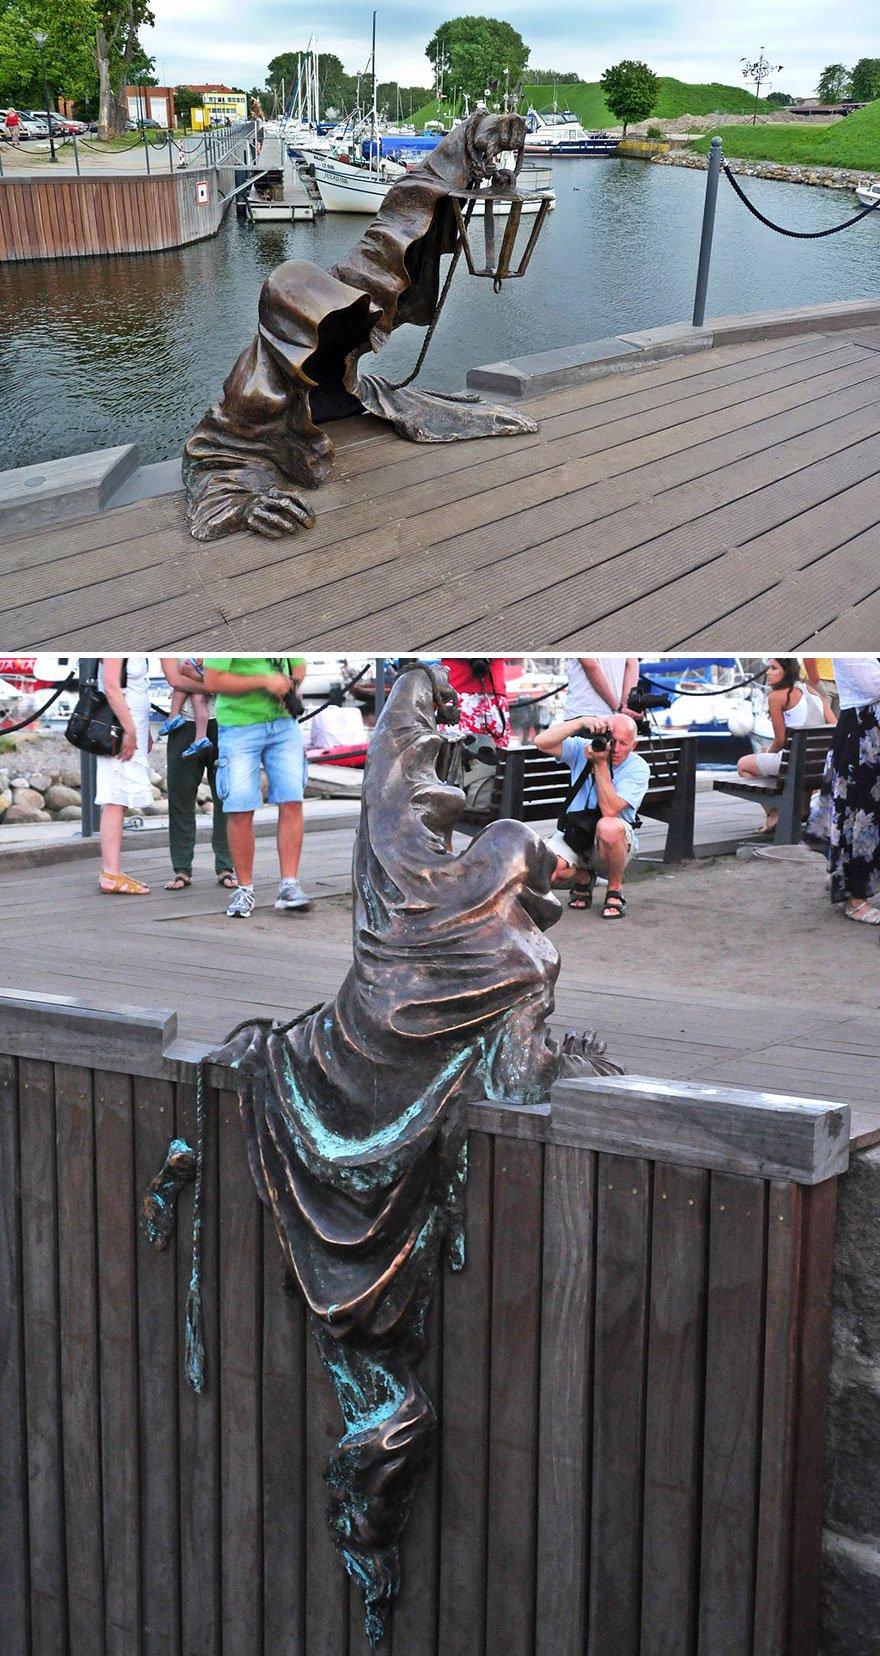 esculturas-fantasticas_31-1